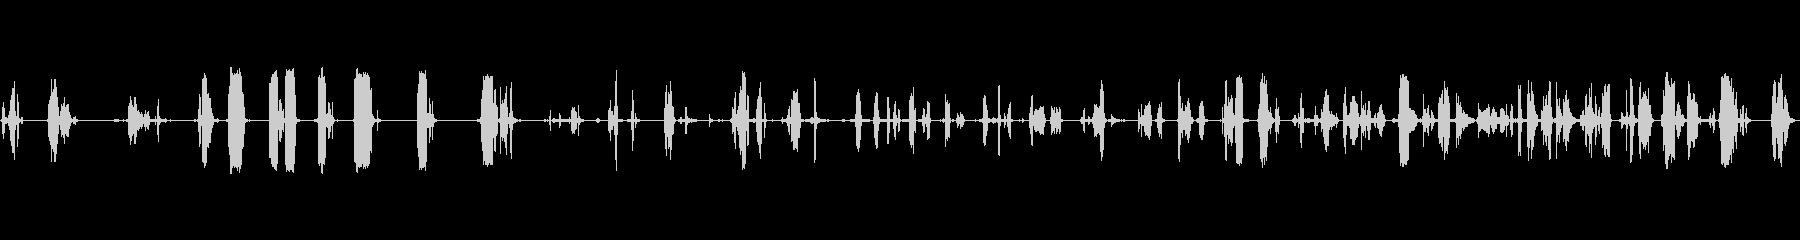 さまざまな金属ヒンジの鳴き声と鳴き声の未再生の波形